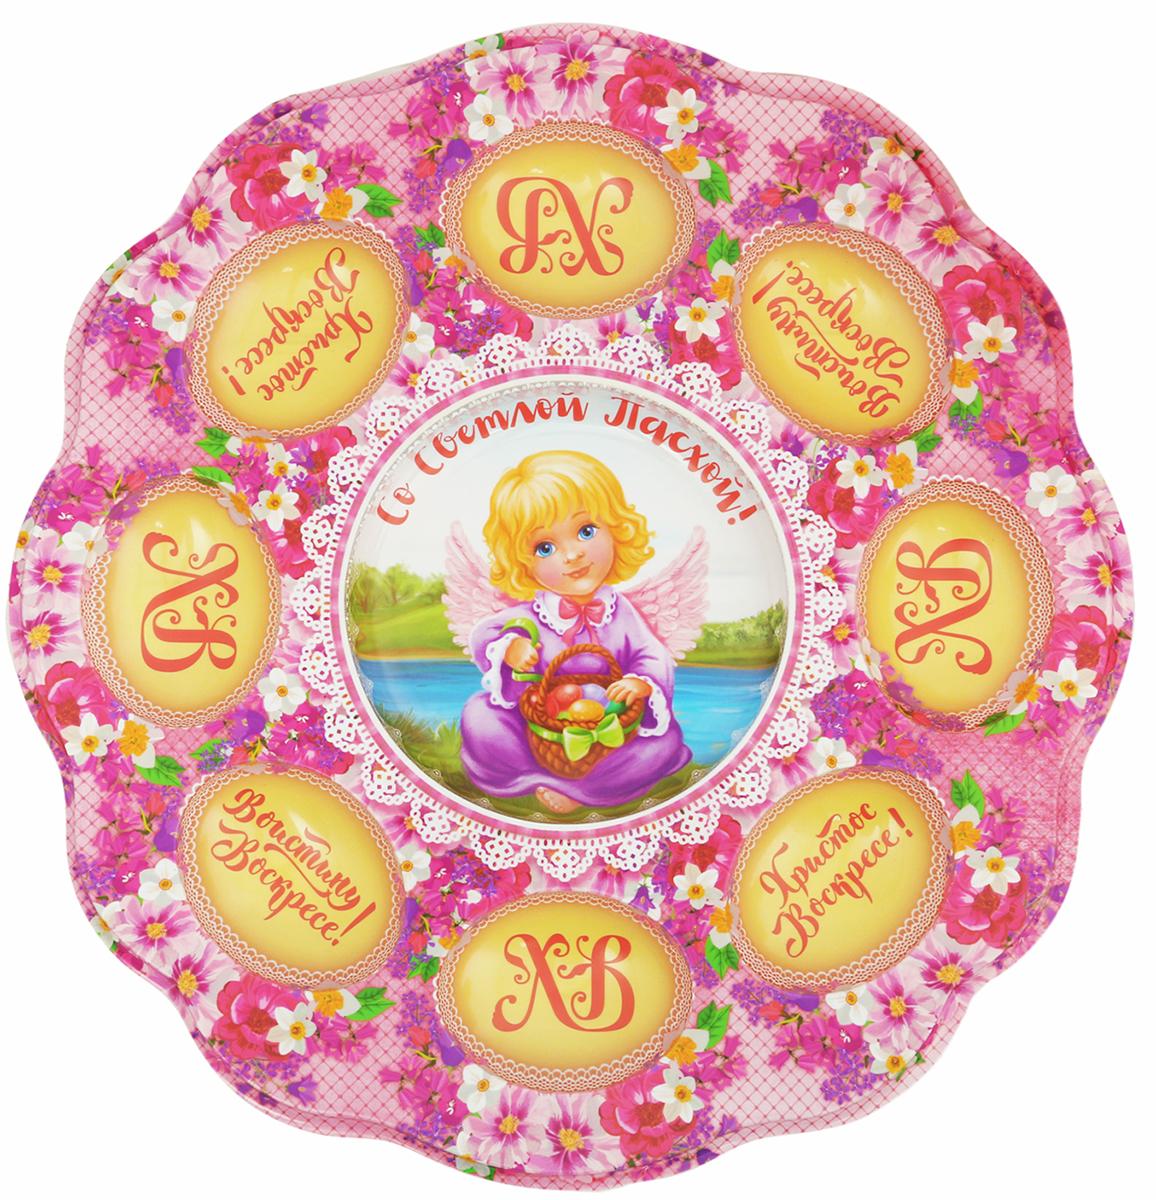 Подставка для яйца Ангелок, на 8 яиц, 24 х 25 см. 2634335 подставка для яйца городетская на 8 яиц и кулич 24 х 25 см 1653890